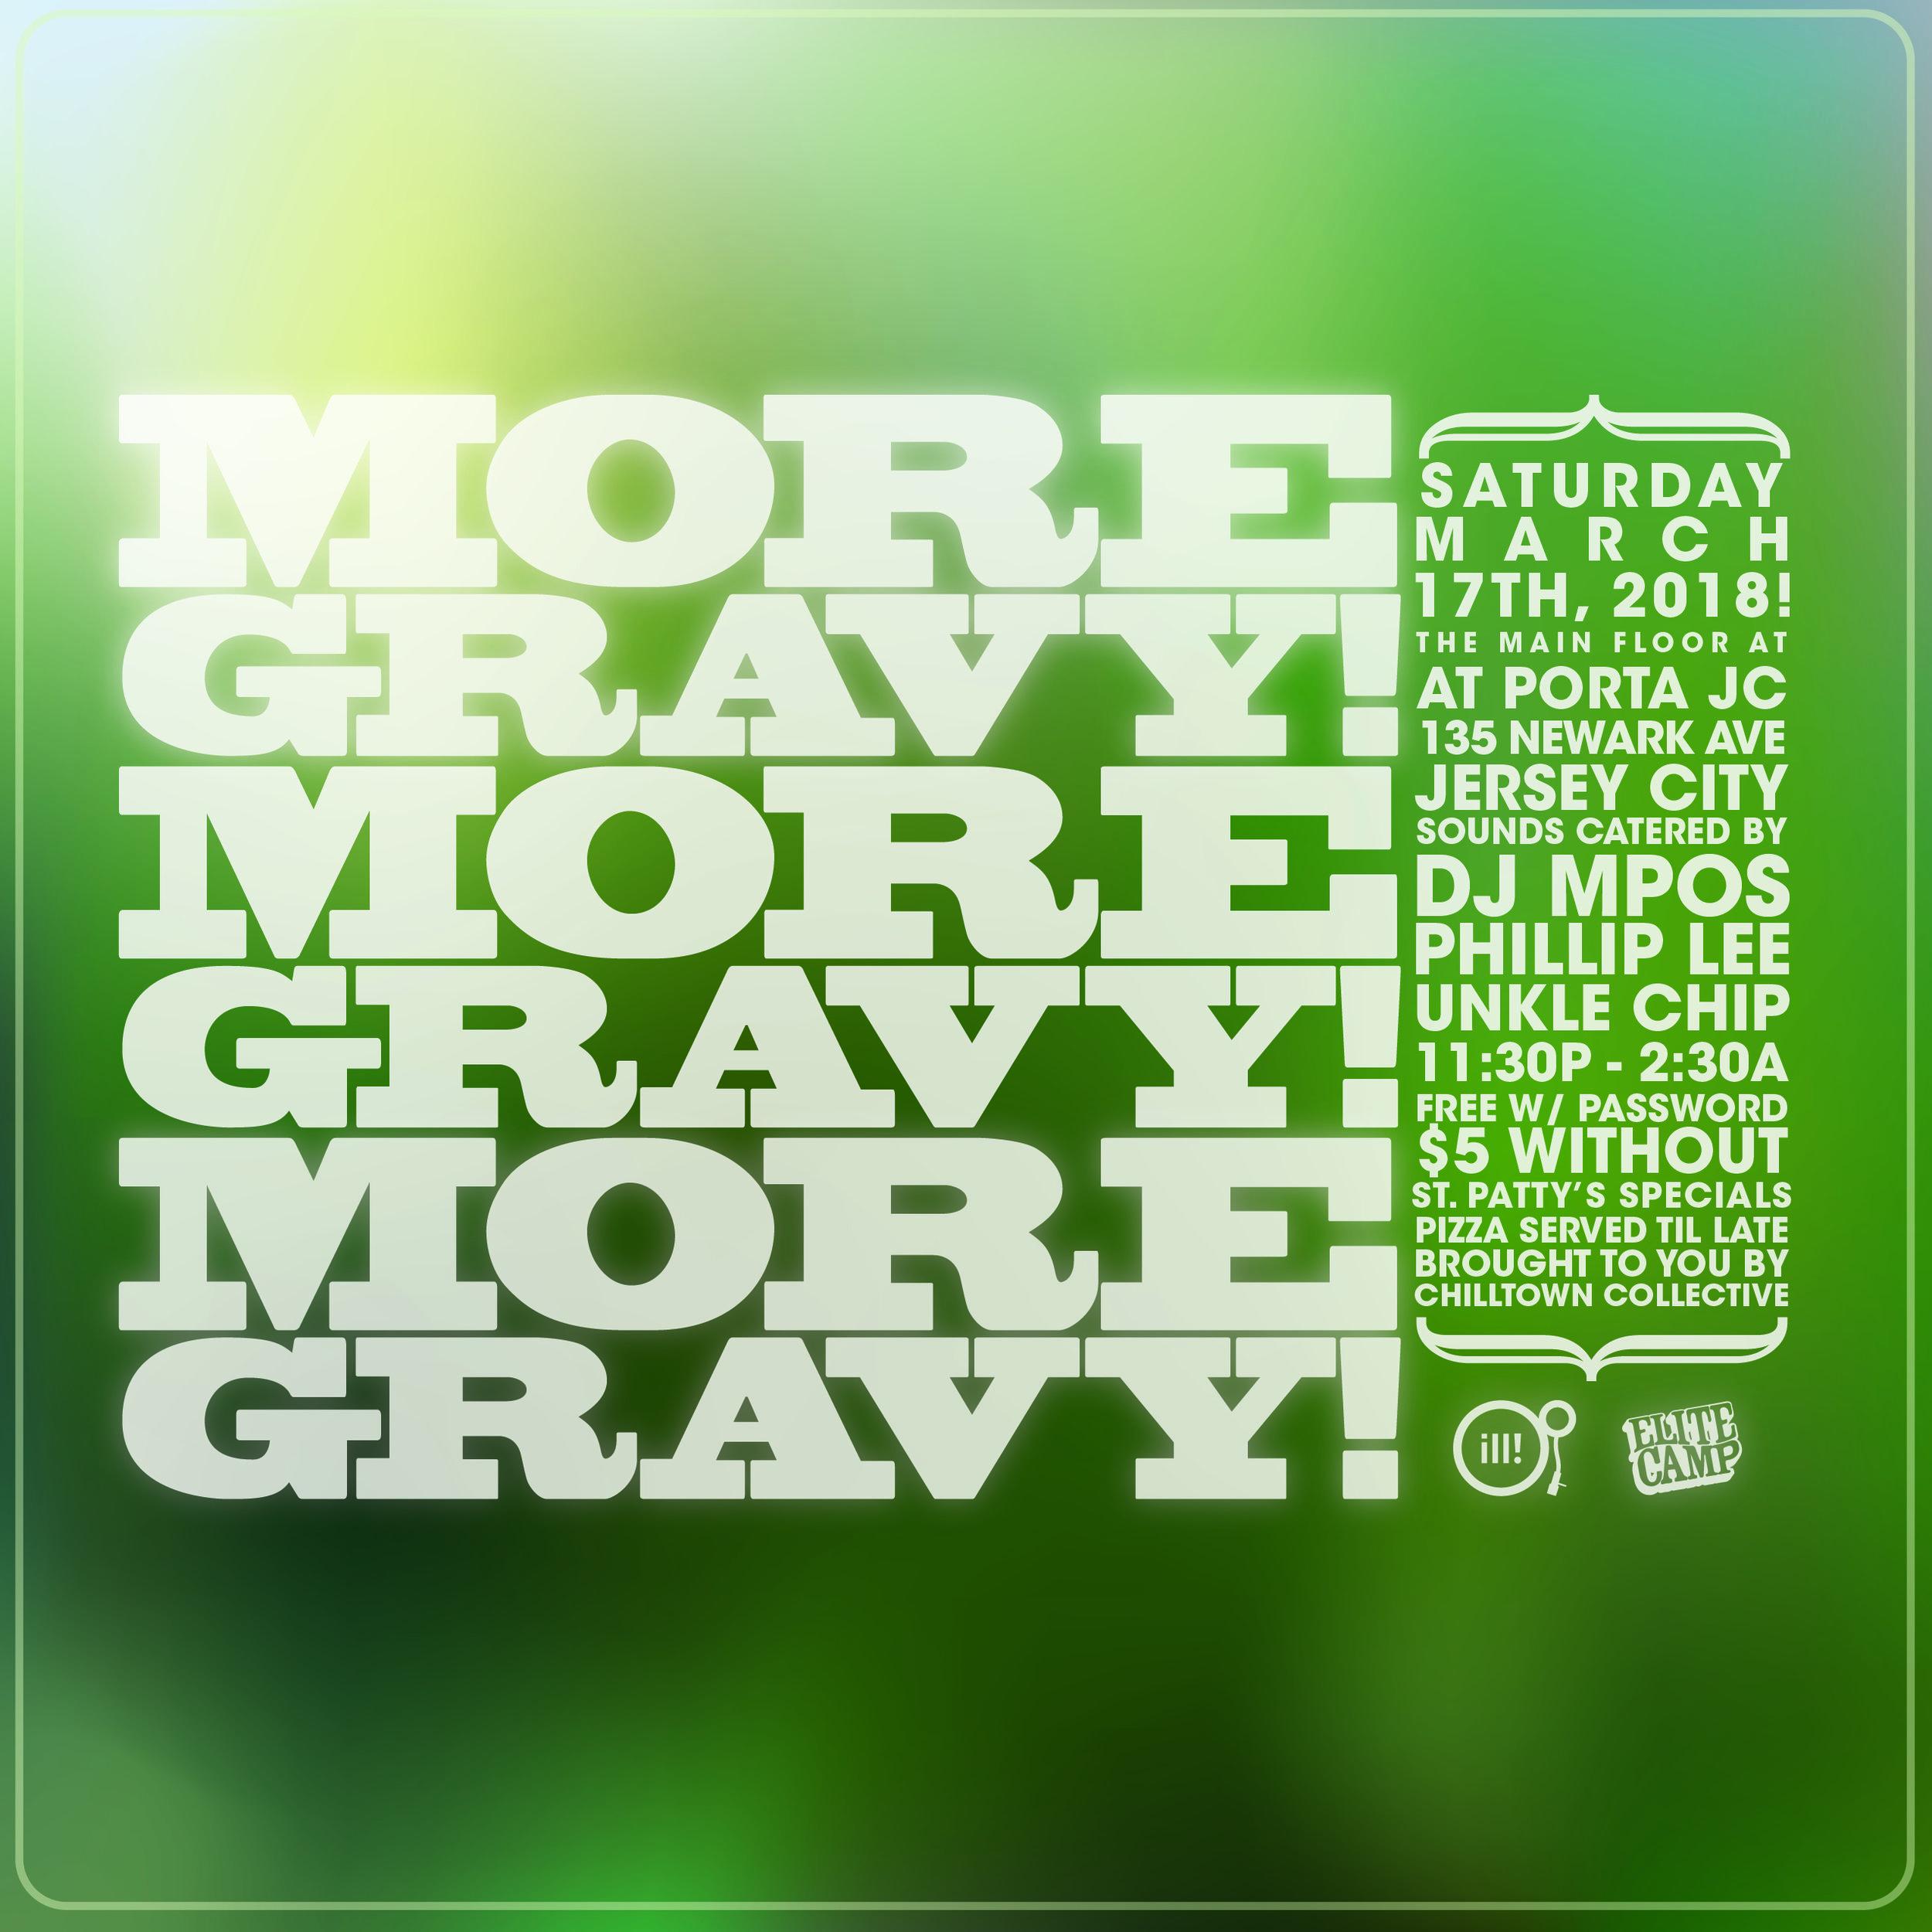 moregravySTPATS2018-01.jpg